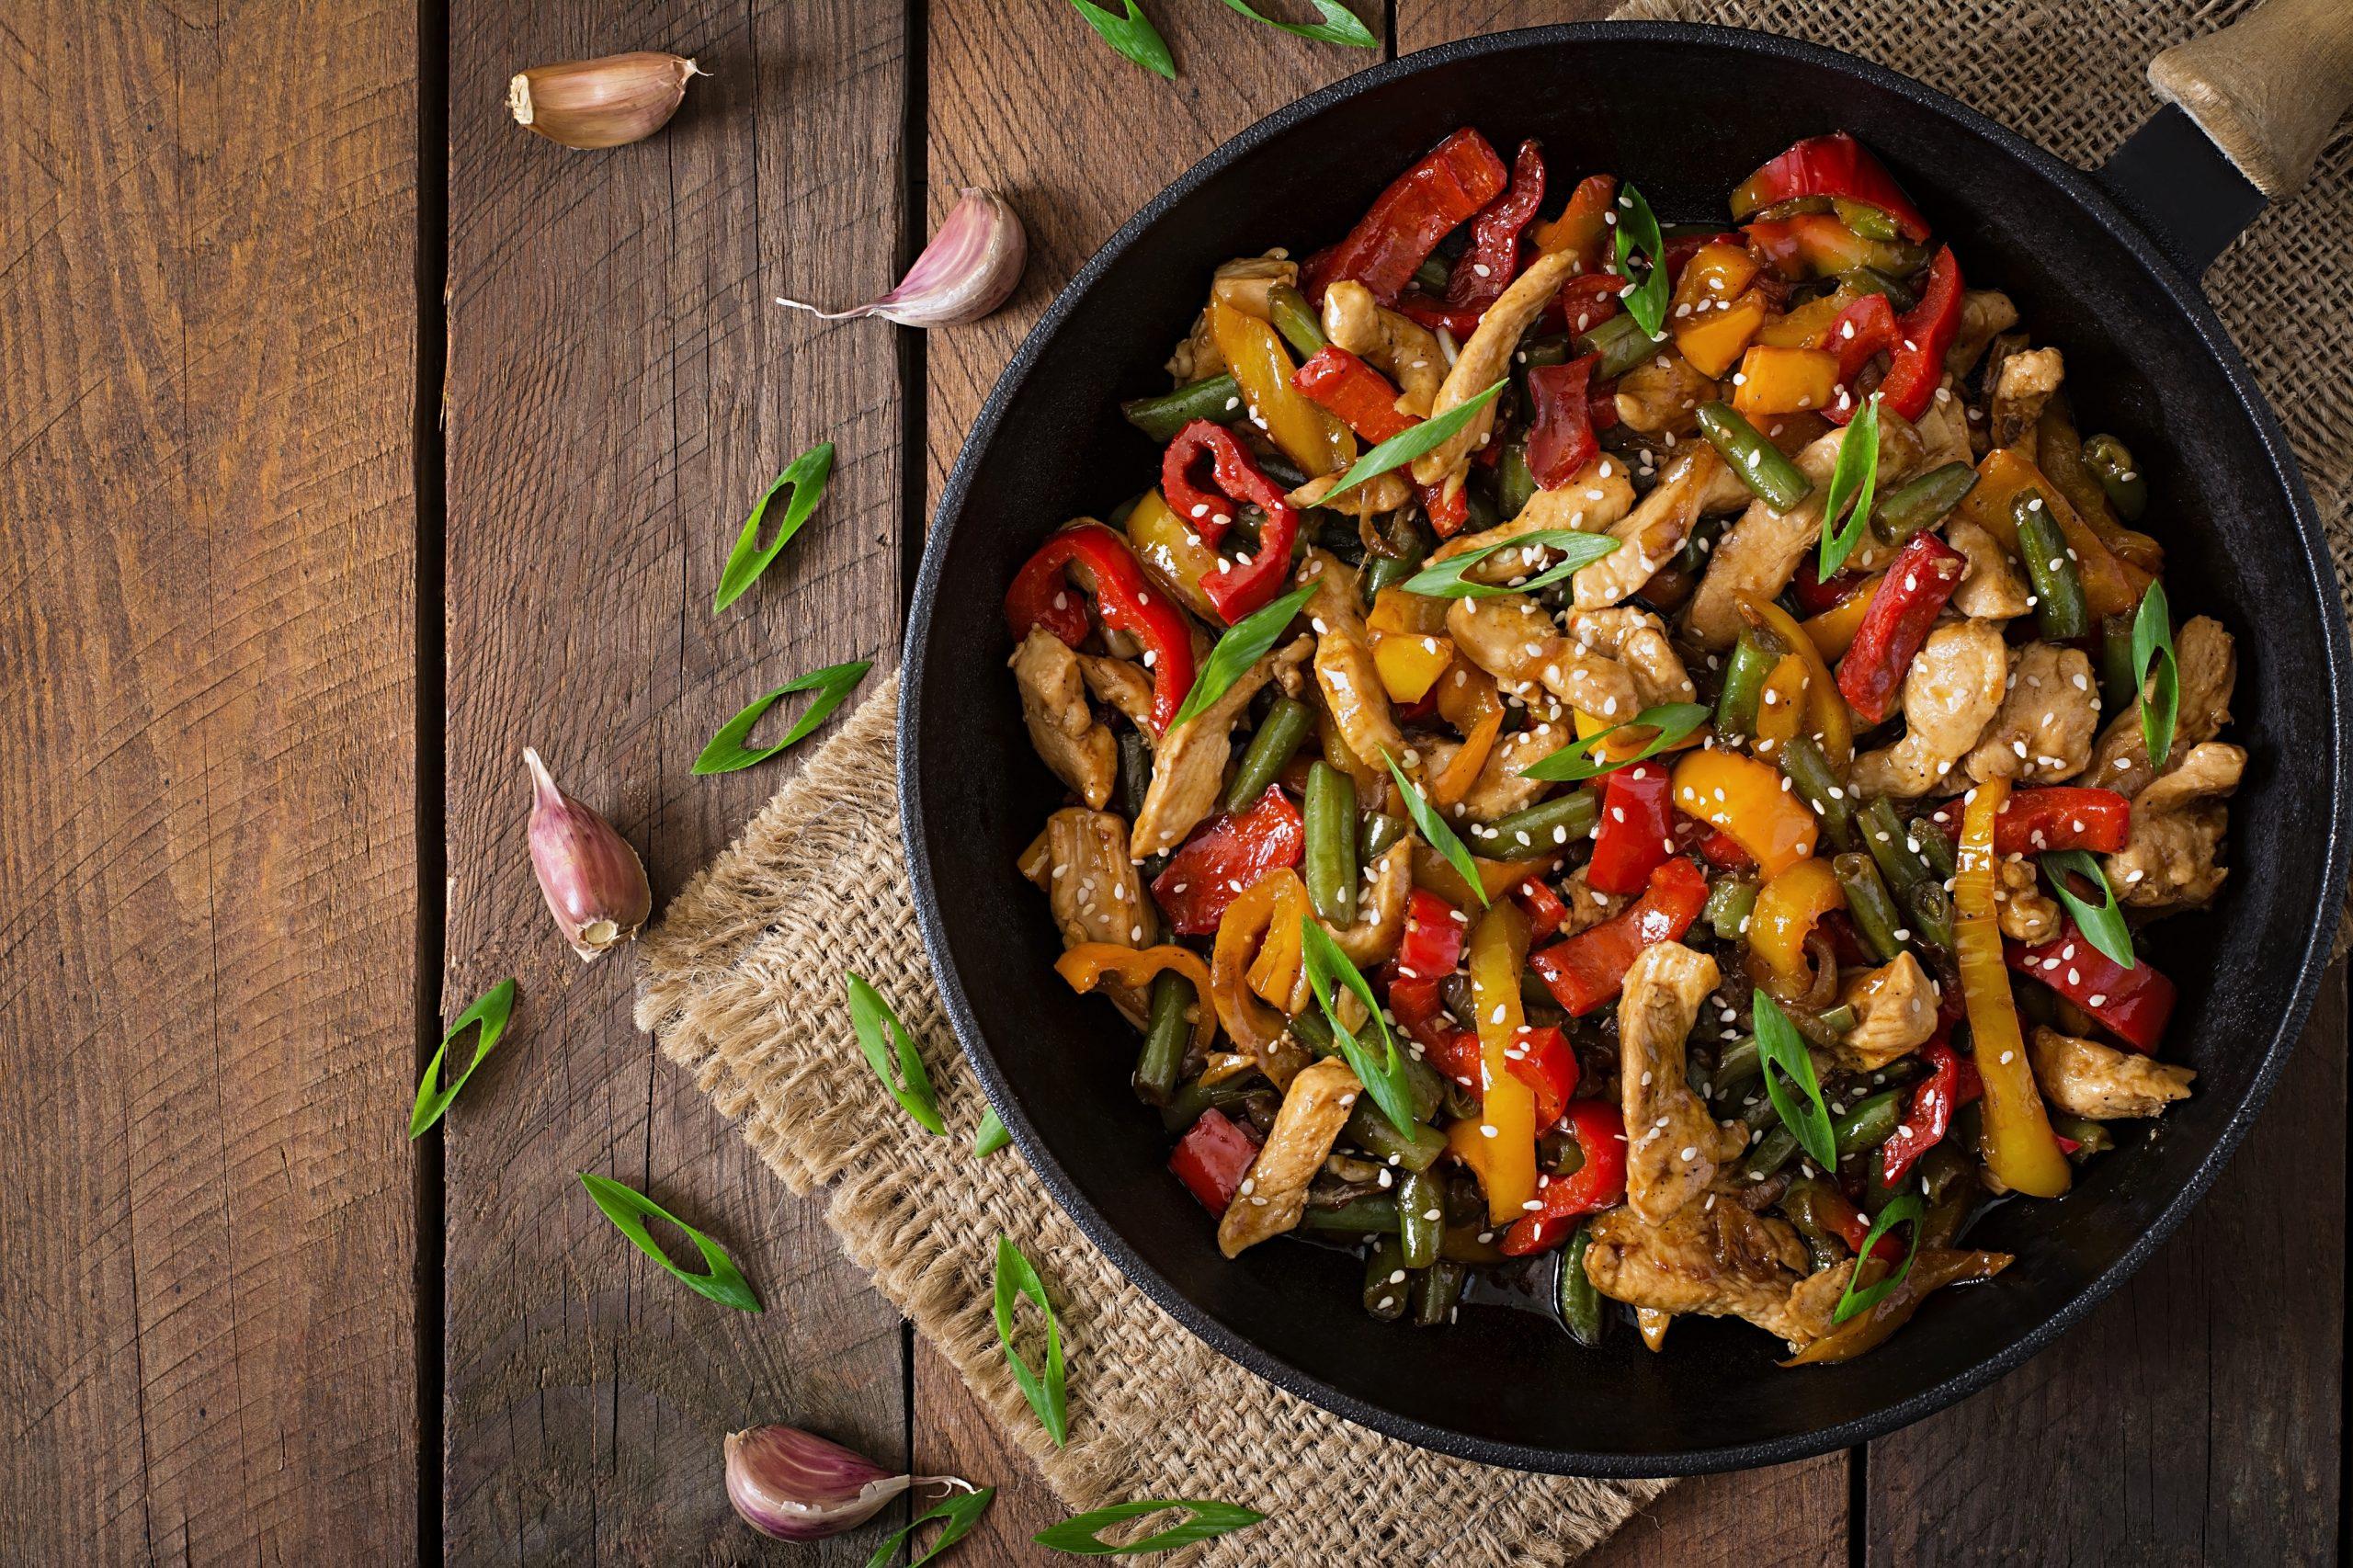 Prepara y degusta un delicioso pollo salteado con verduras